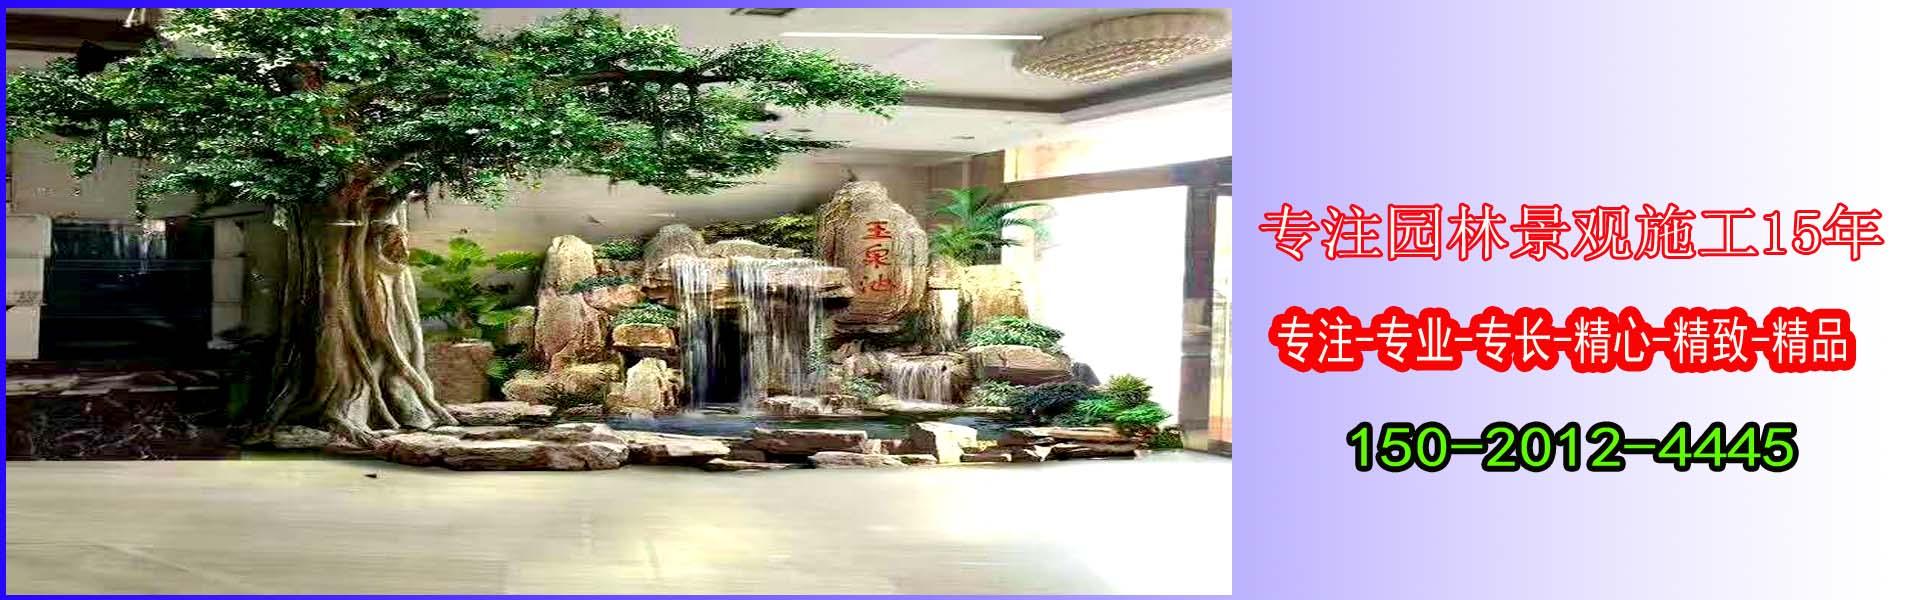 室内水景假山